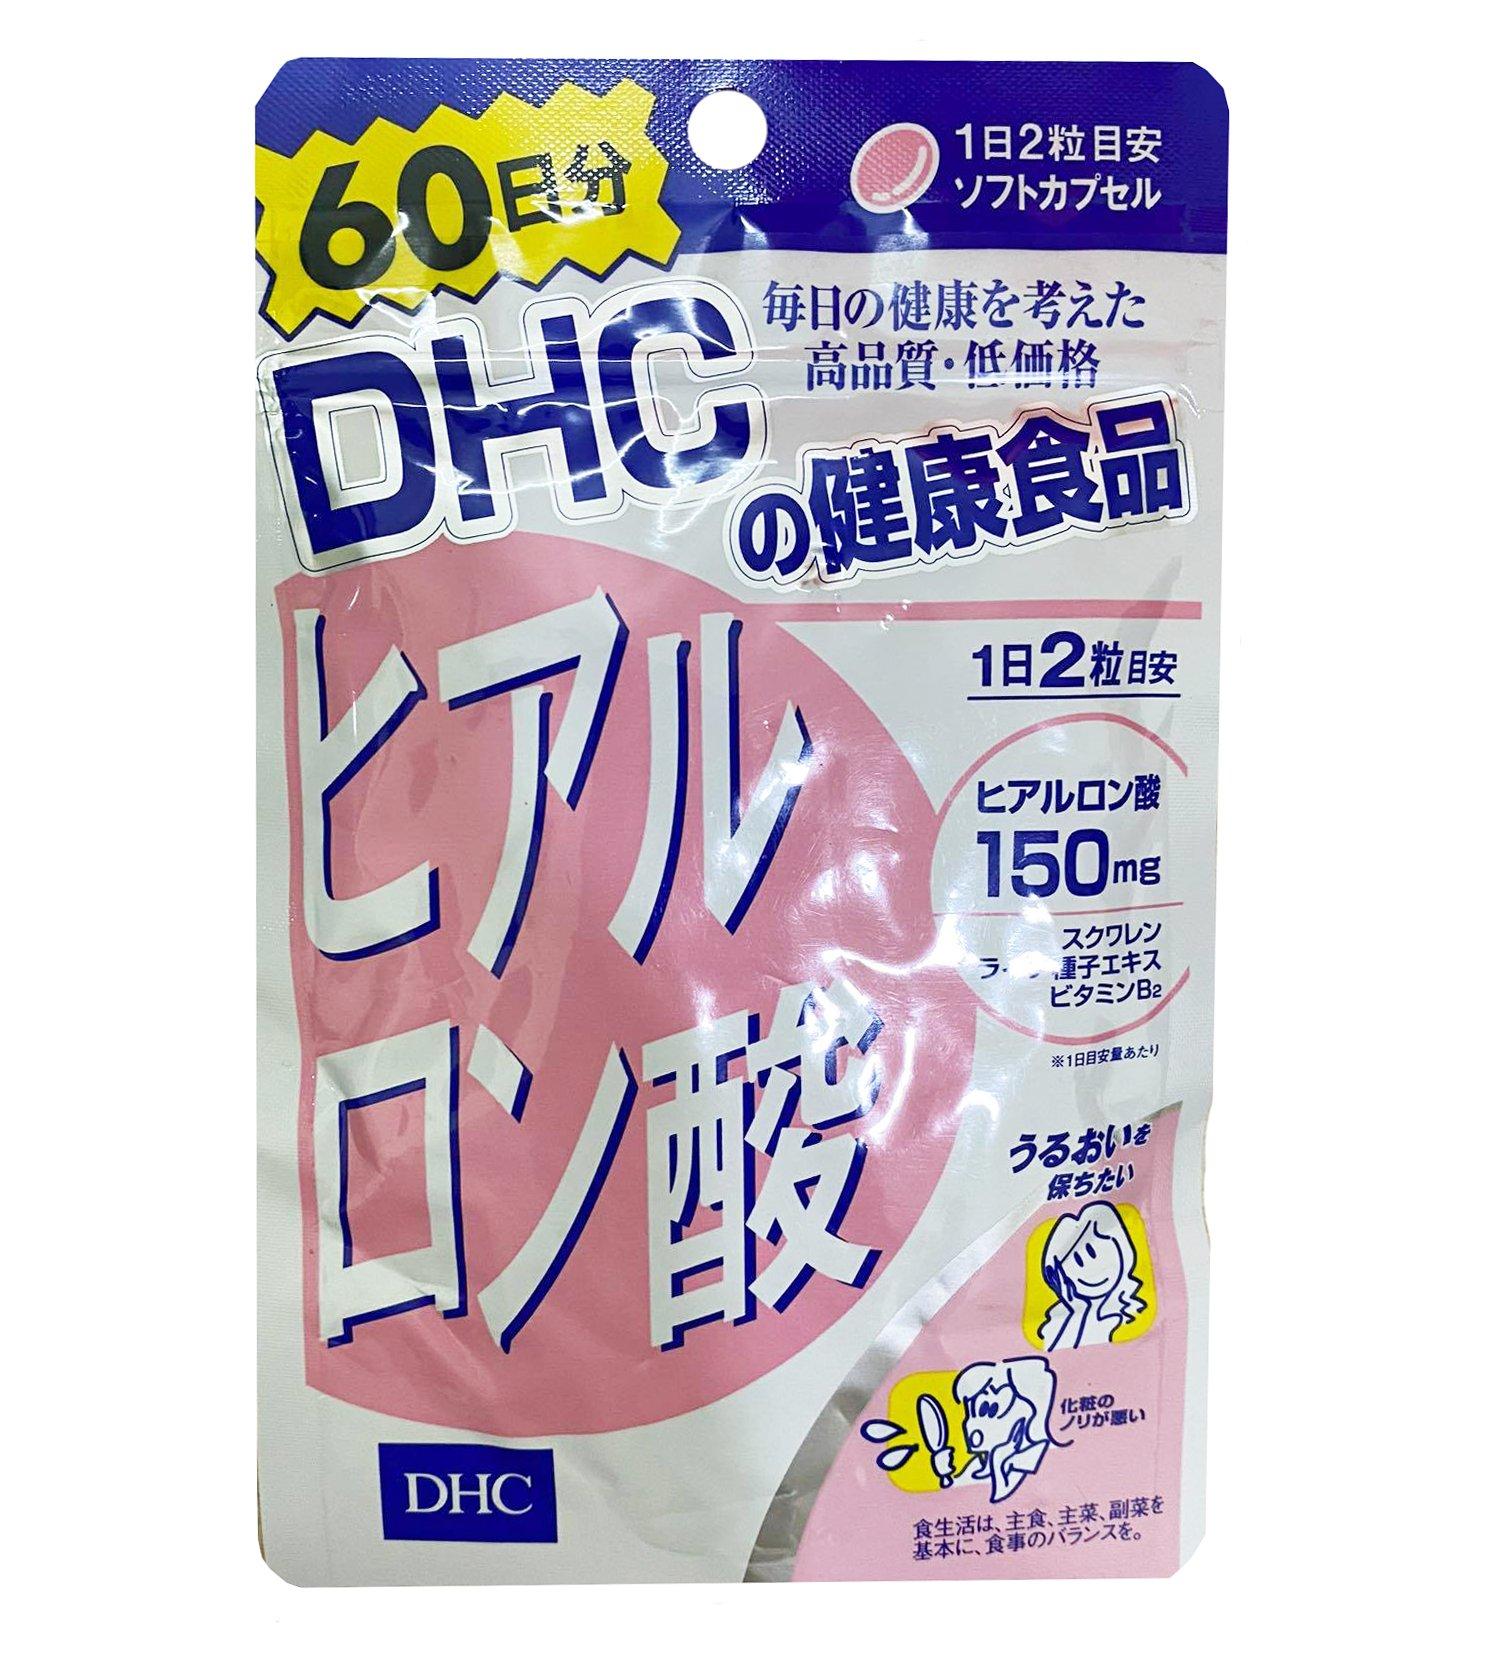 Viên uống hỗ trợ cấp nước DHC Hyaluronic Acid 60 ngày mẫu mới